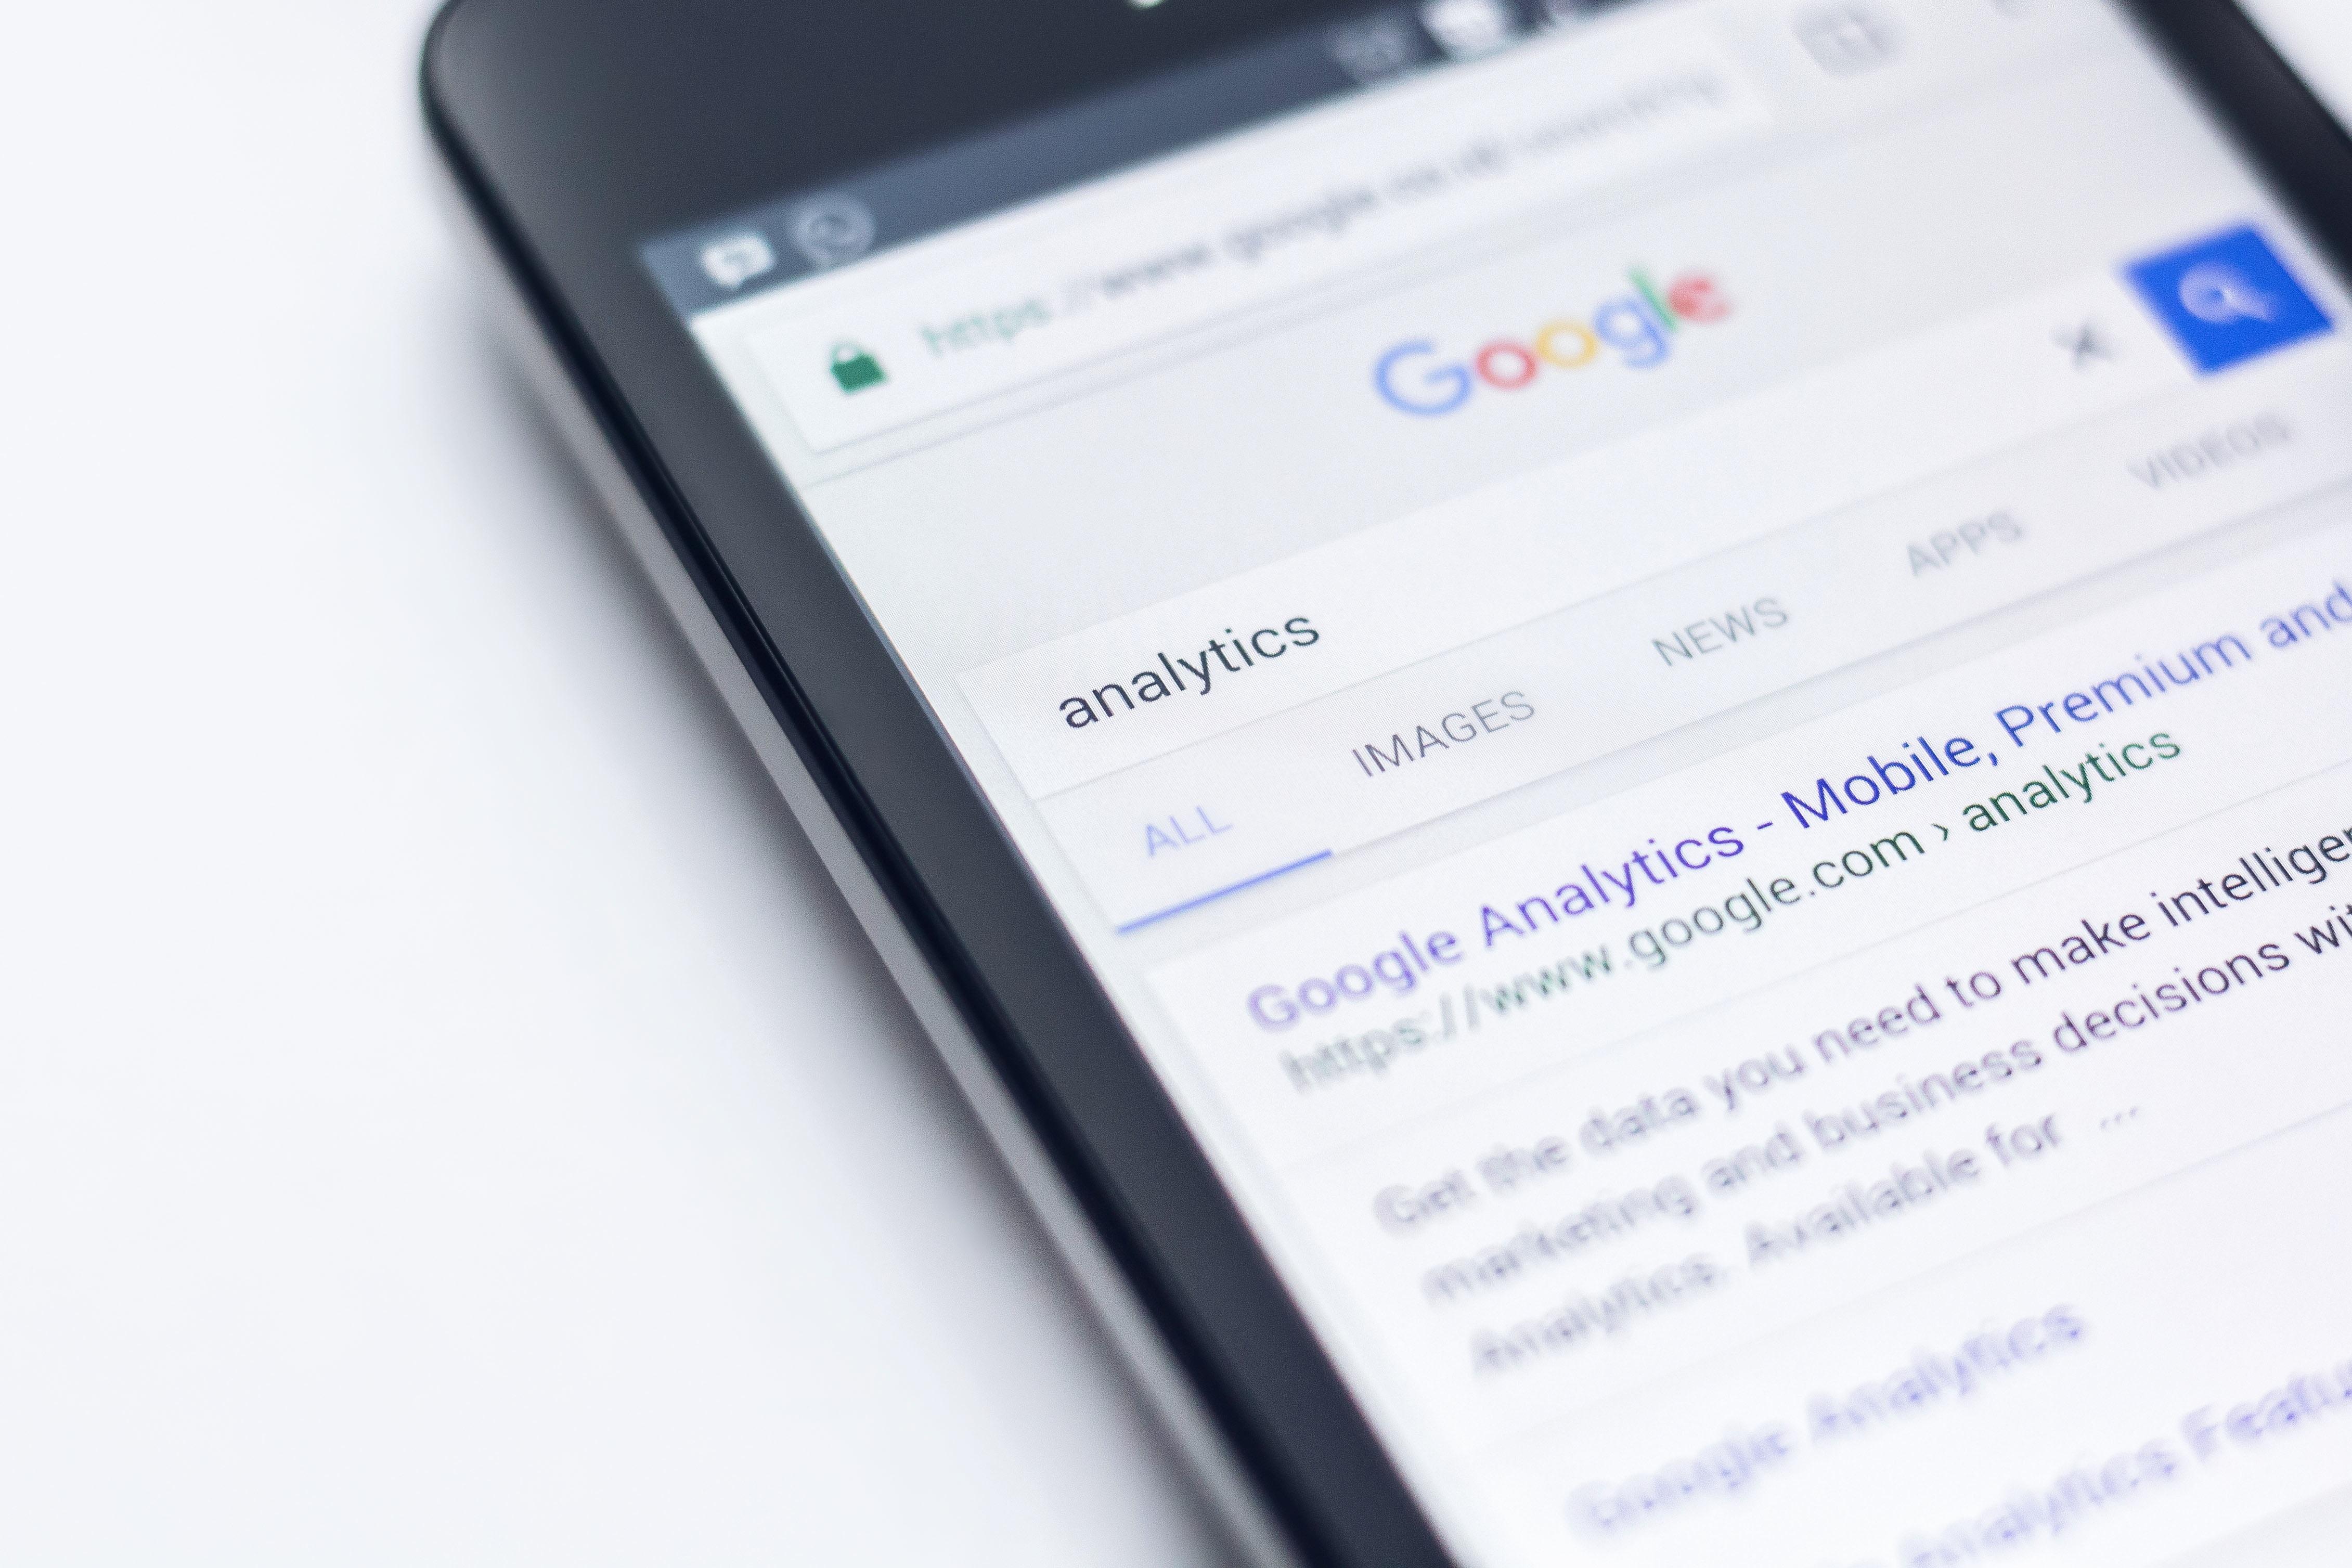 CV Online: töötajaid enam ilma Google Analyticsi abita üles ei leia